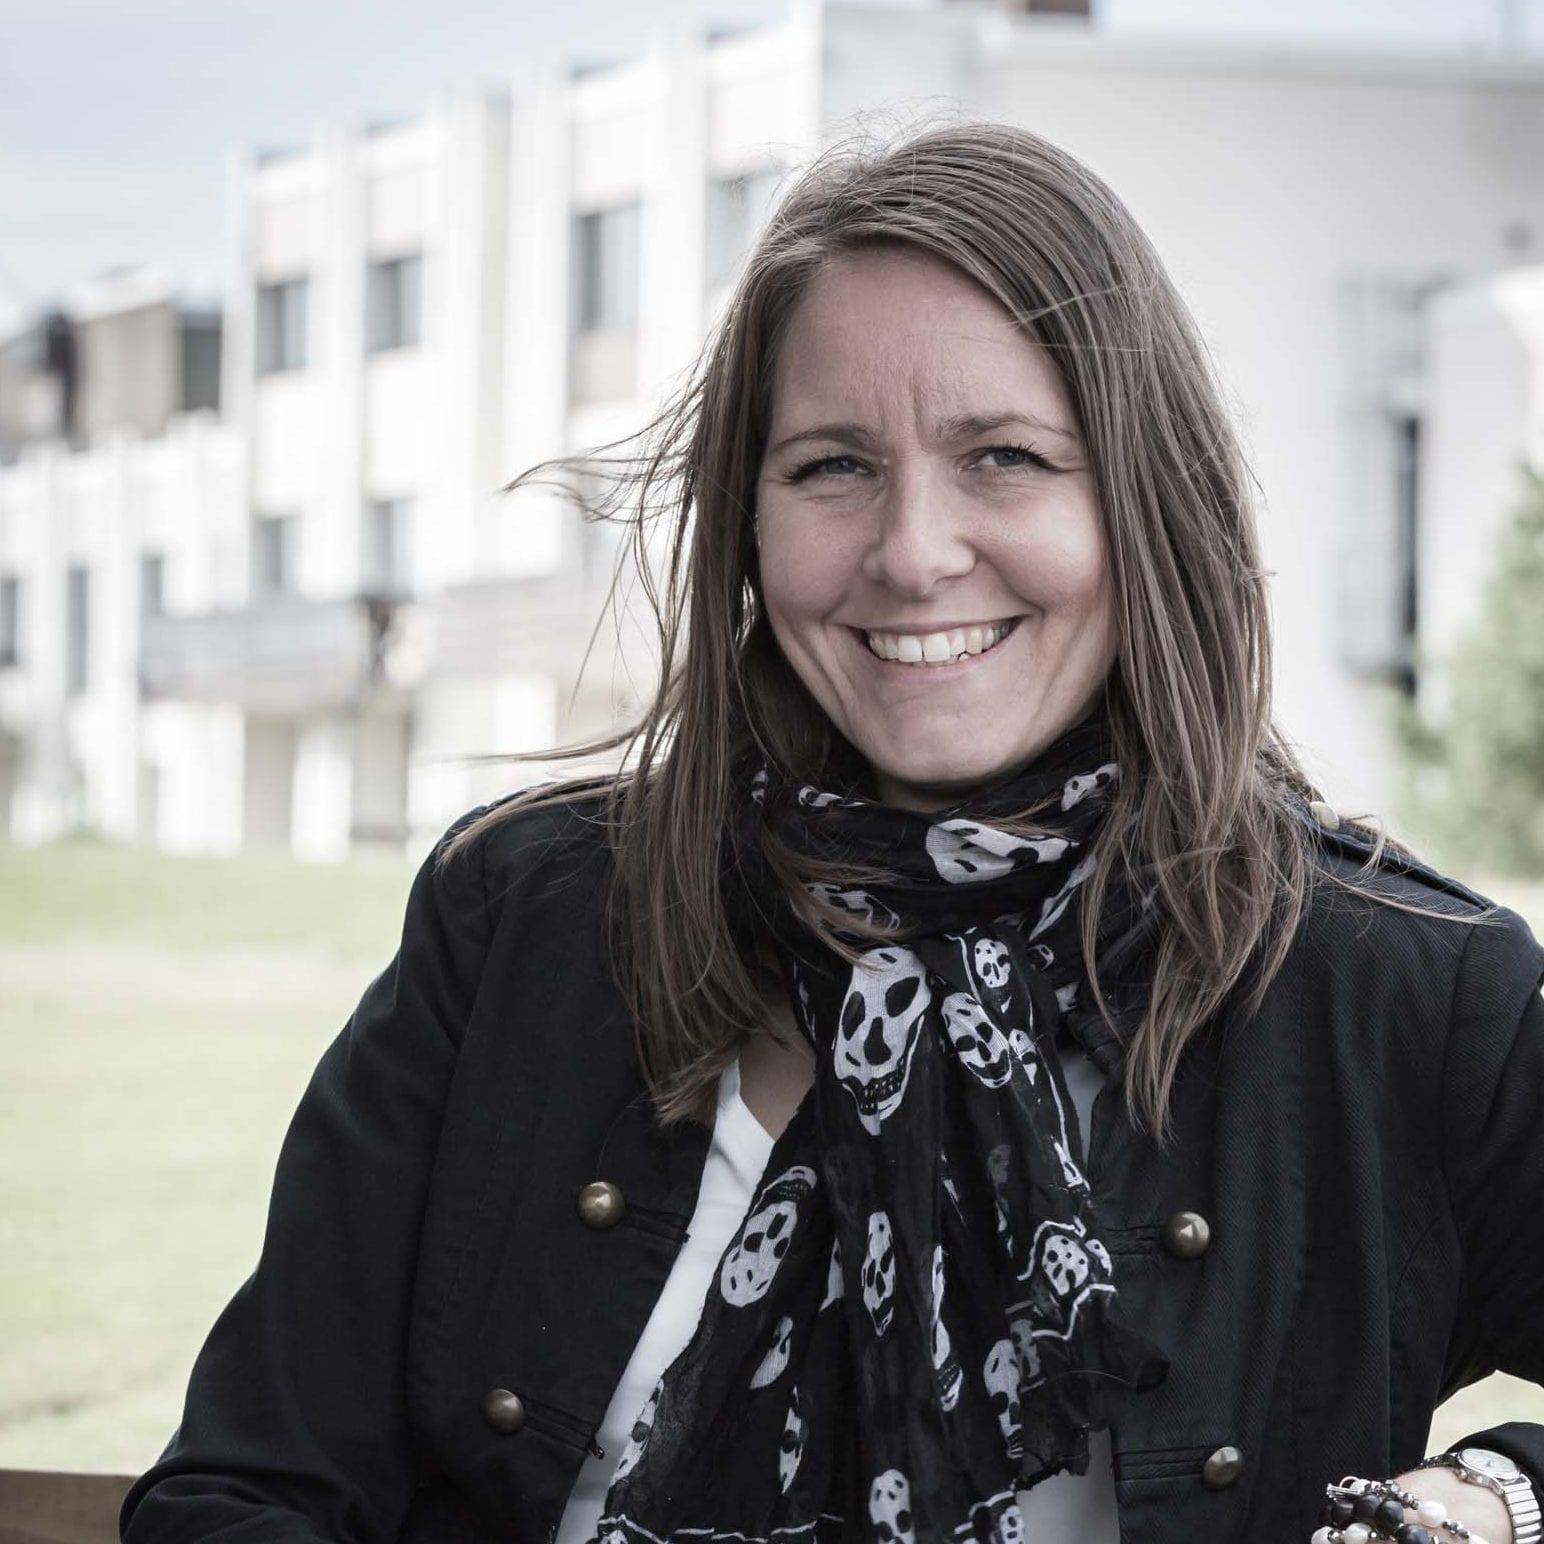 Marie Brehag von Haugwitz - Kraft & Balans